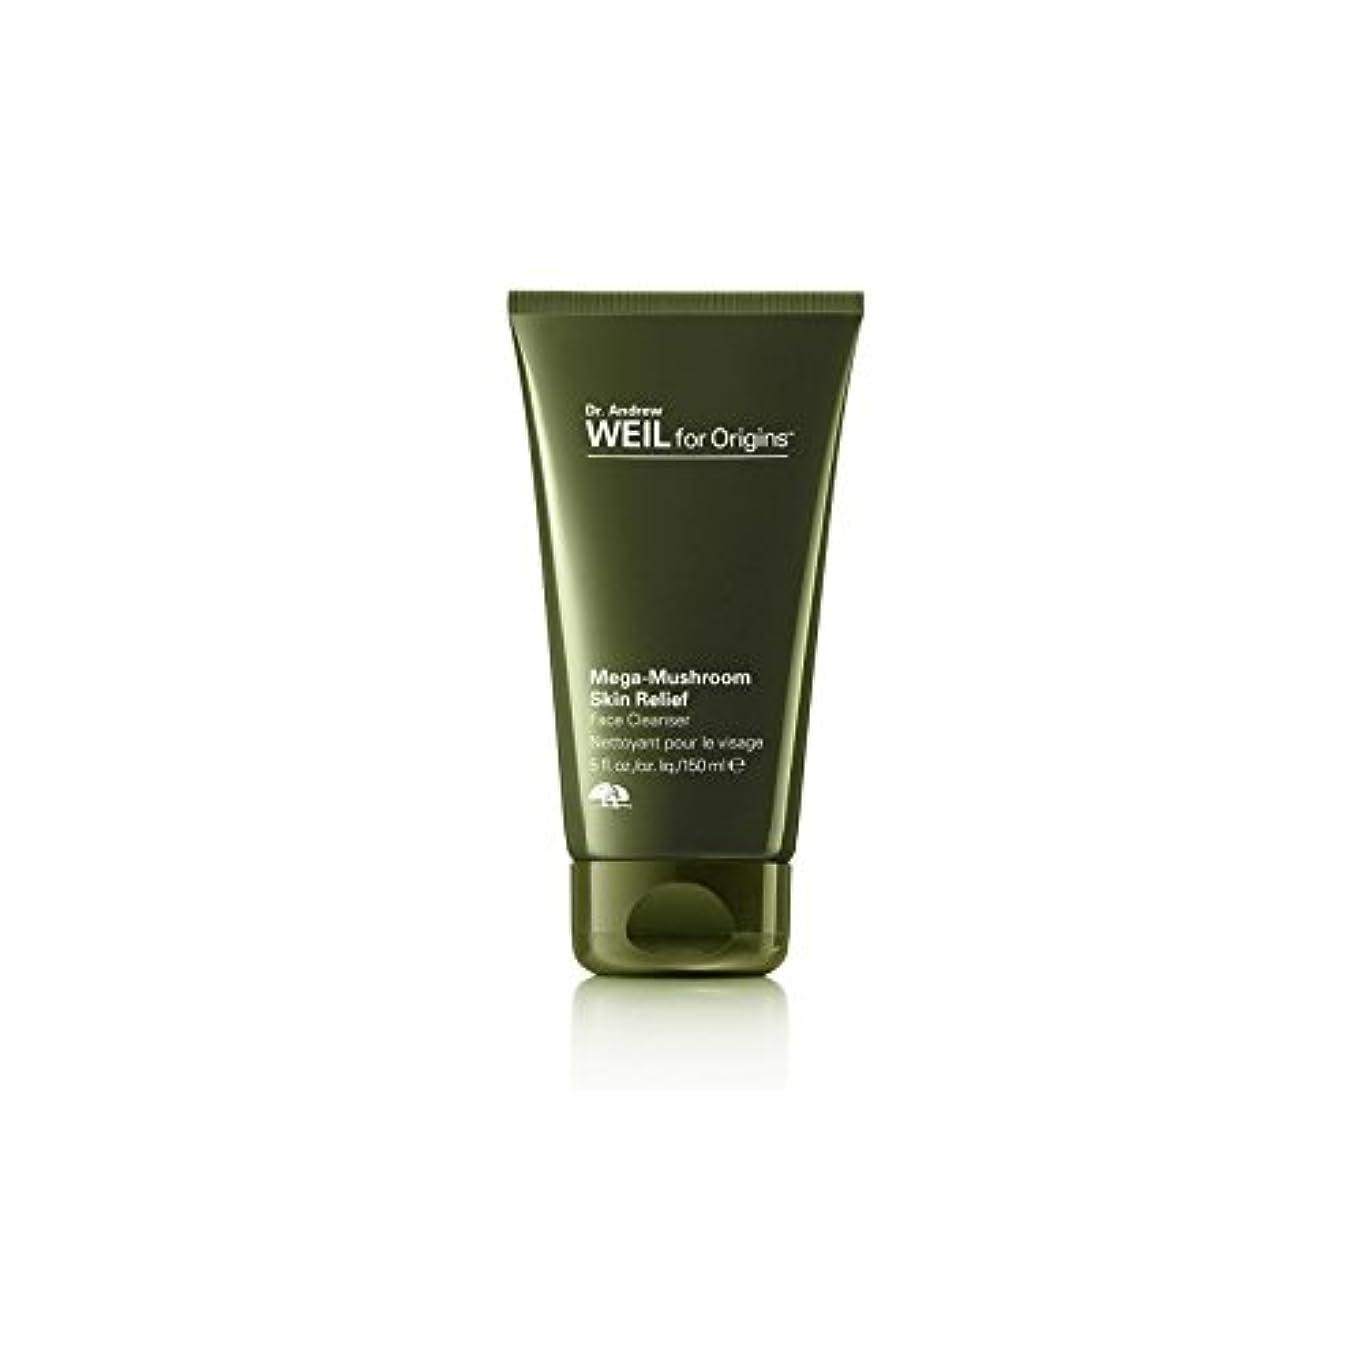 スツール解説本を読む起源アンドルー?ワイル起源メガキノコ皮膚救済顔クレンザー150ミリリットルのために x4 - Origins Dr. Andrew Weil For Origins Mega-Mushroom Skin Relief Face...